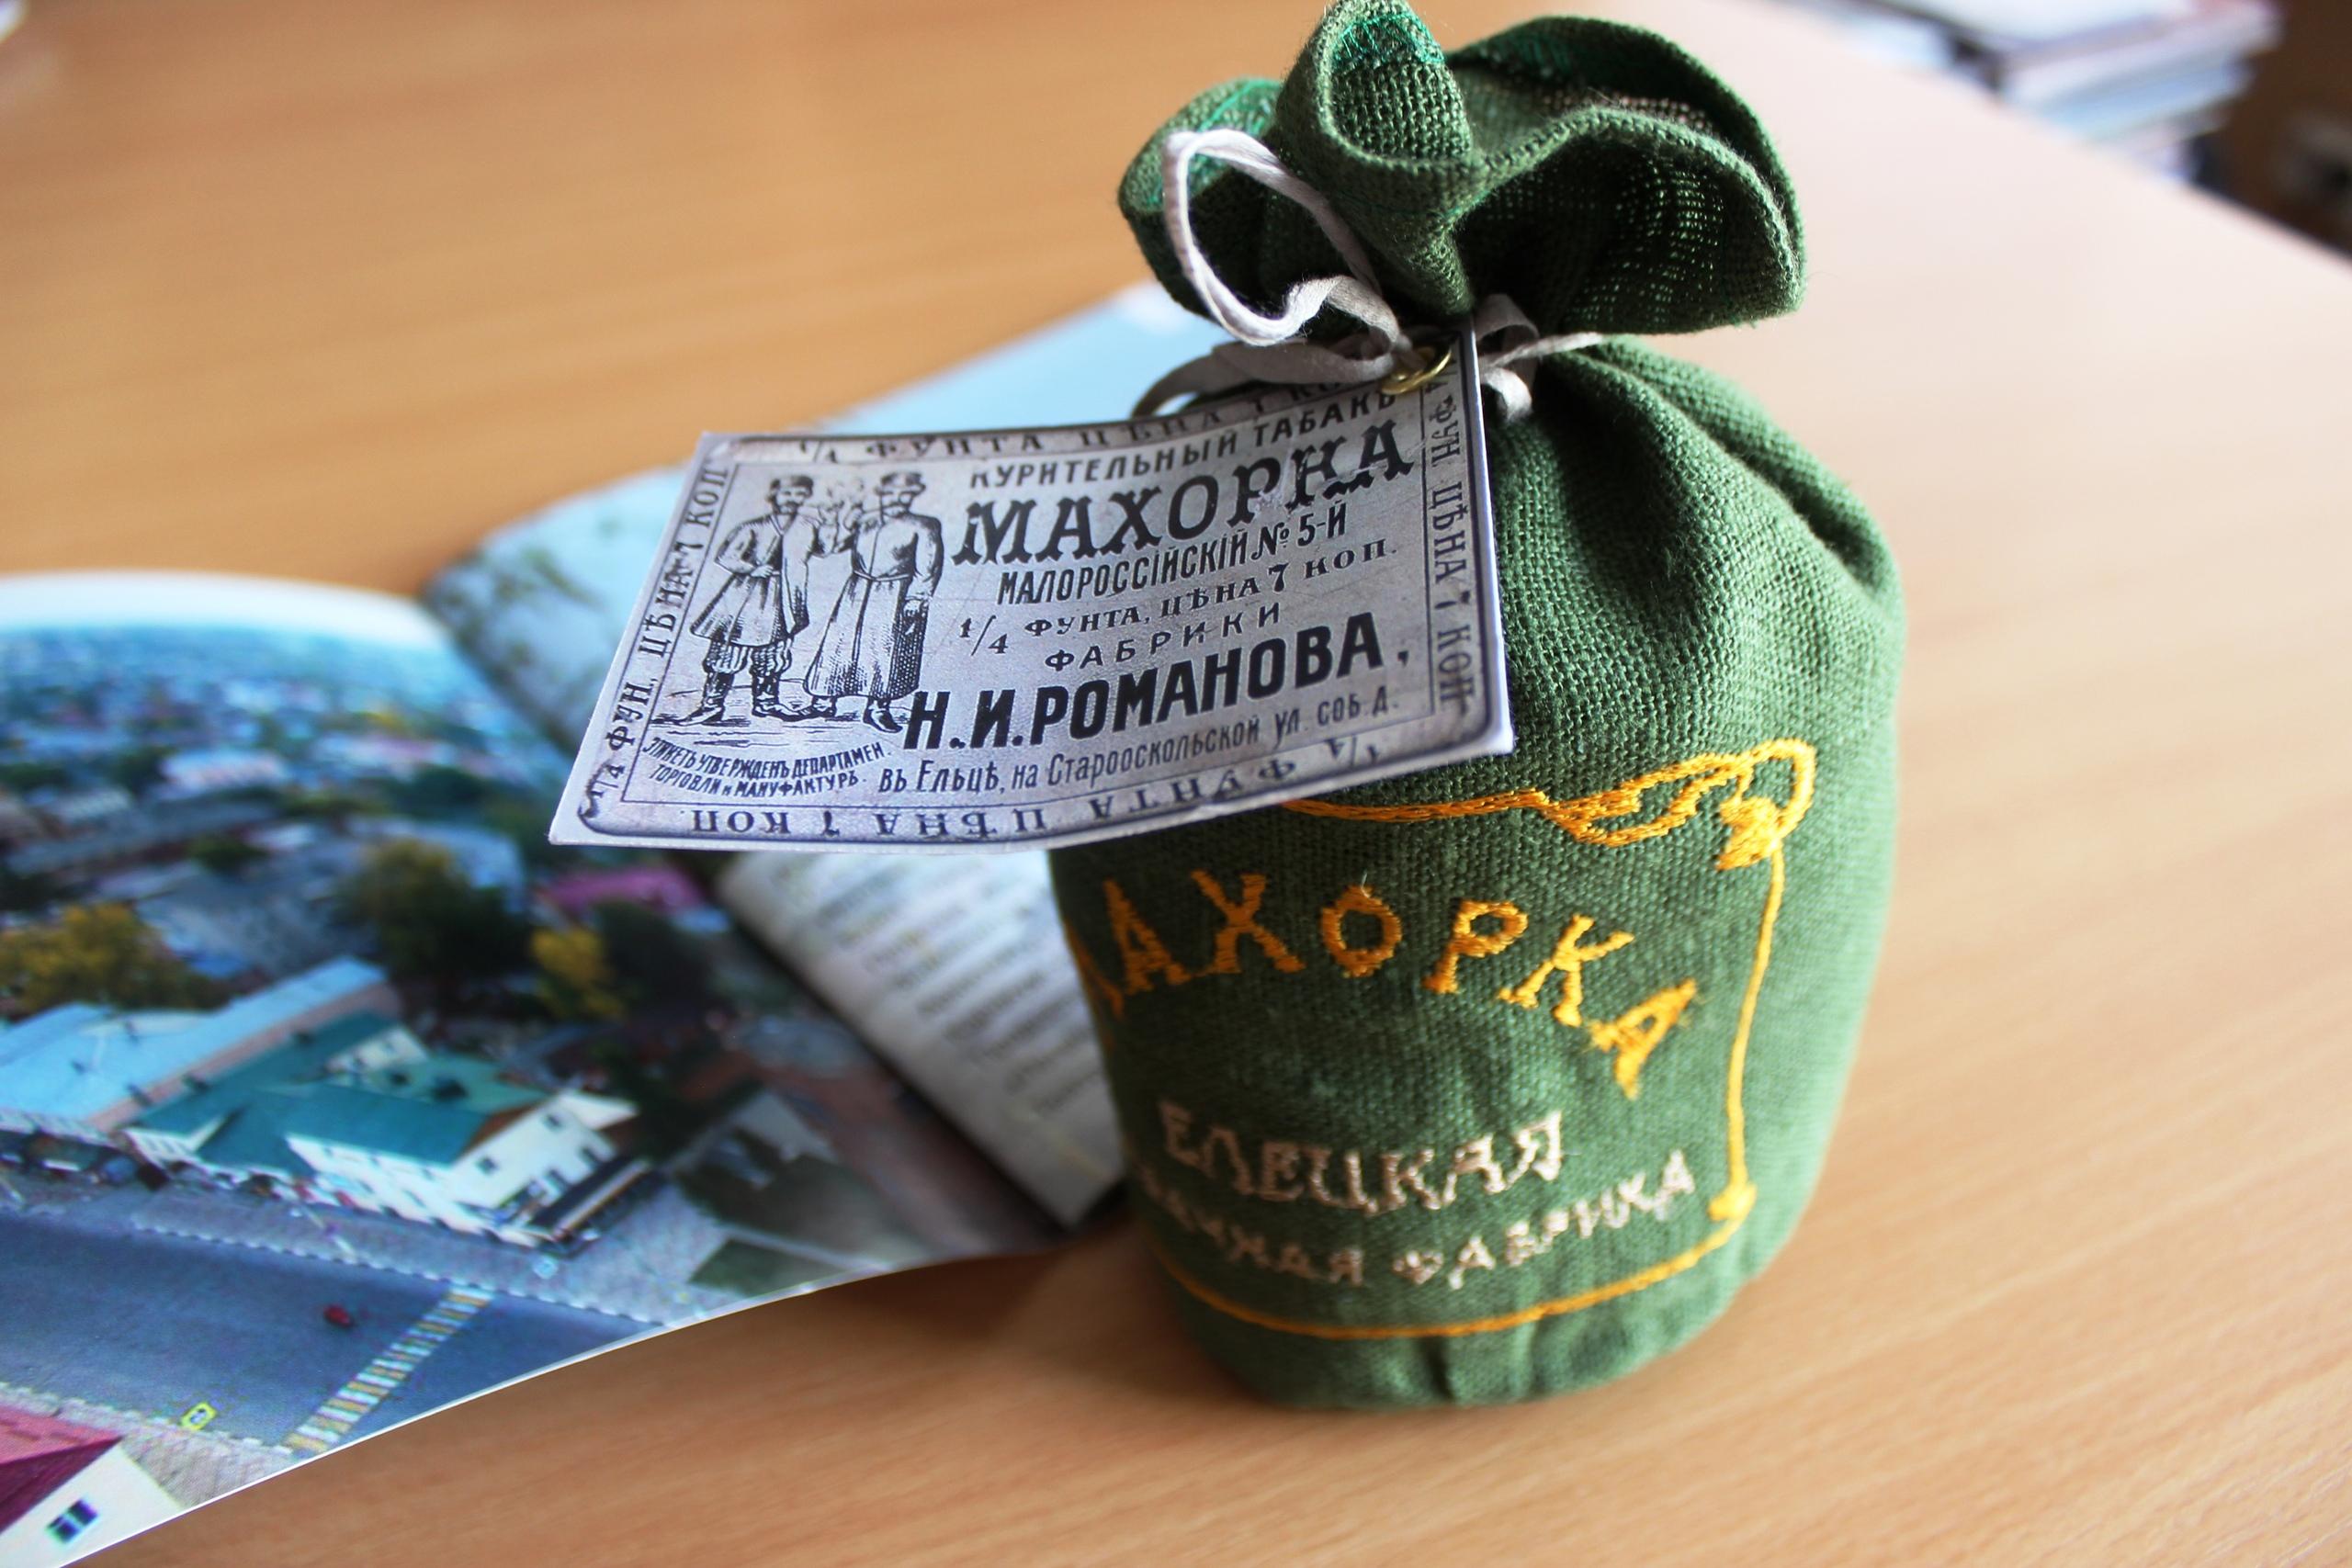 Города-побратимы привезли в Борисов сувениры и обсудили дальнейшее сотрудничество